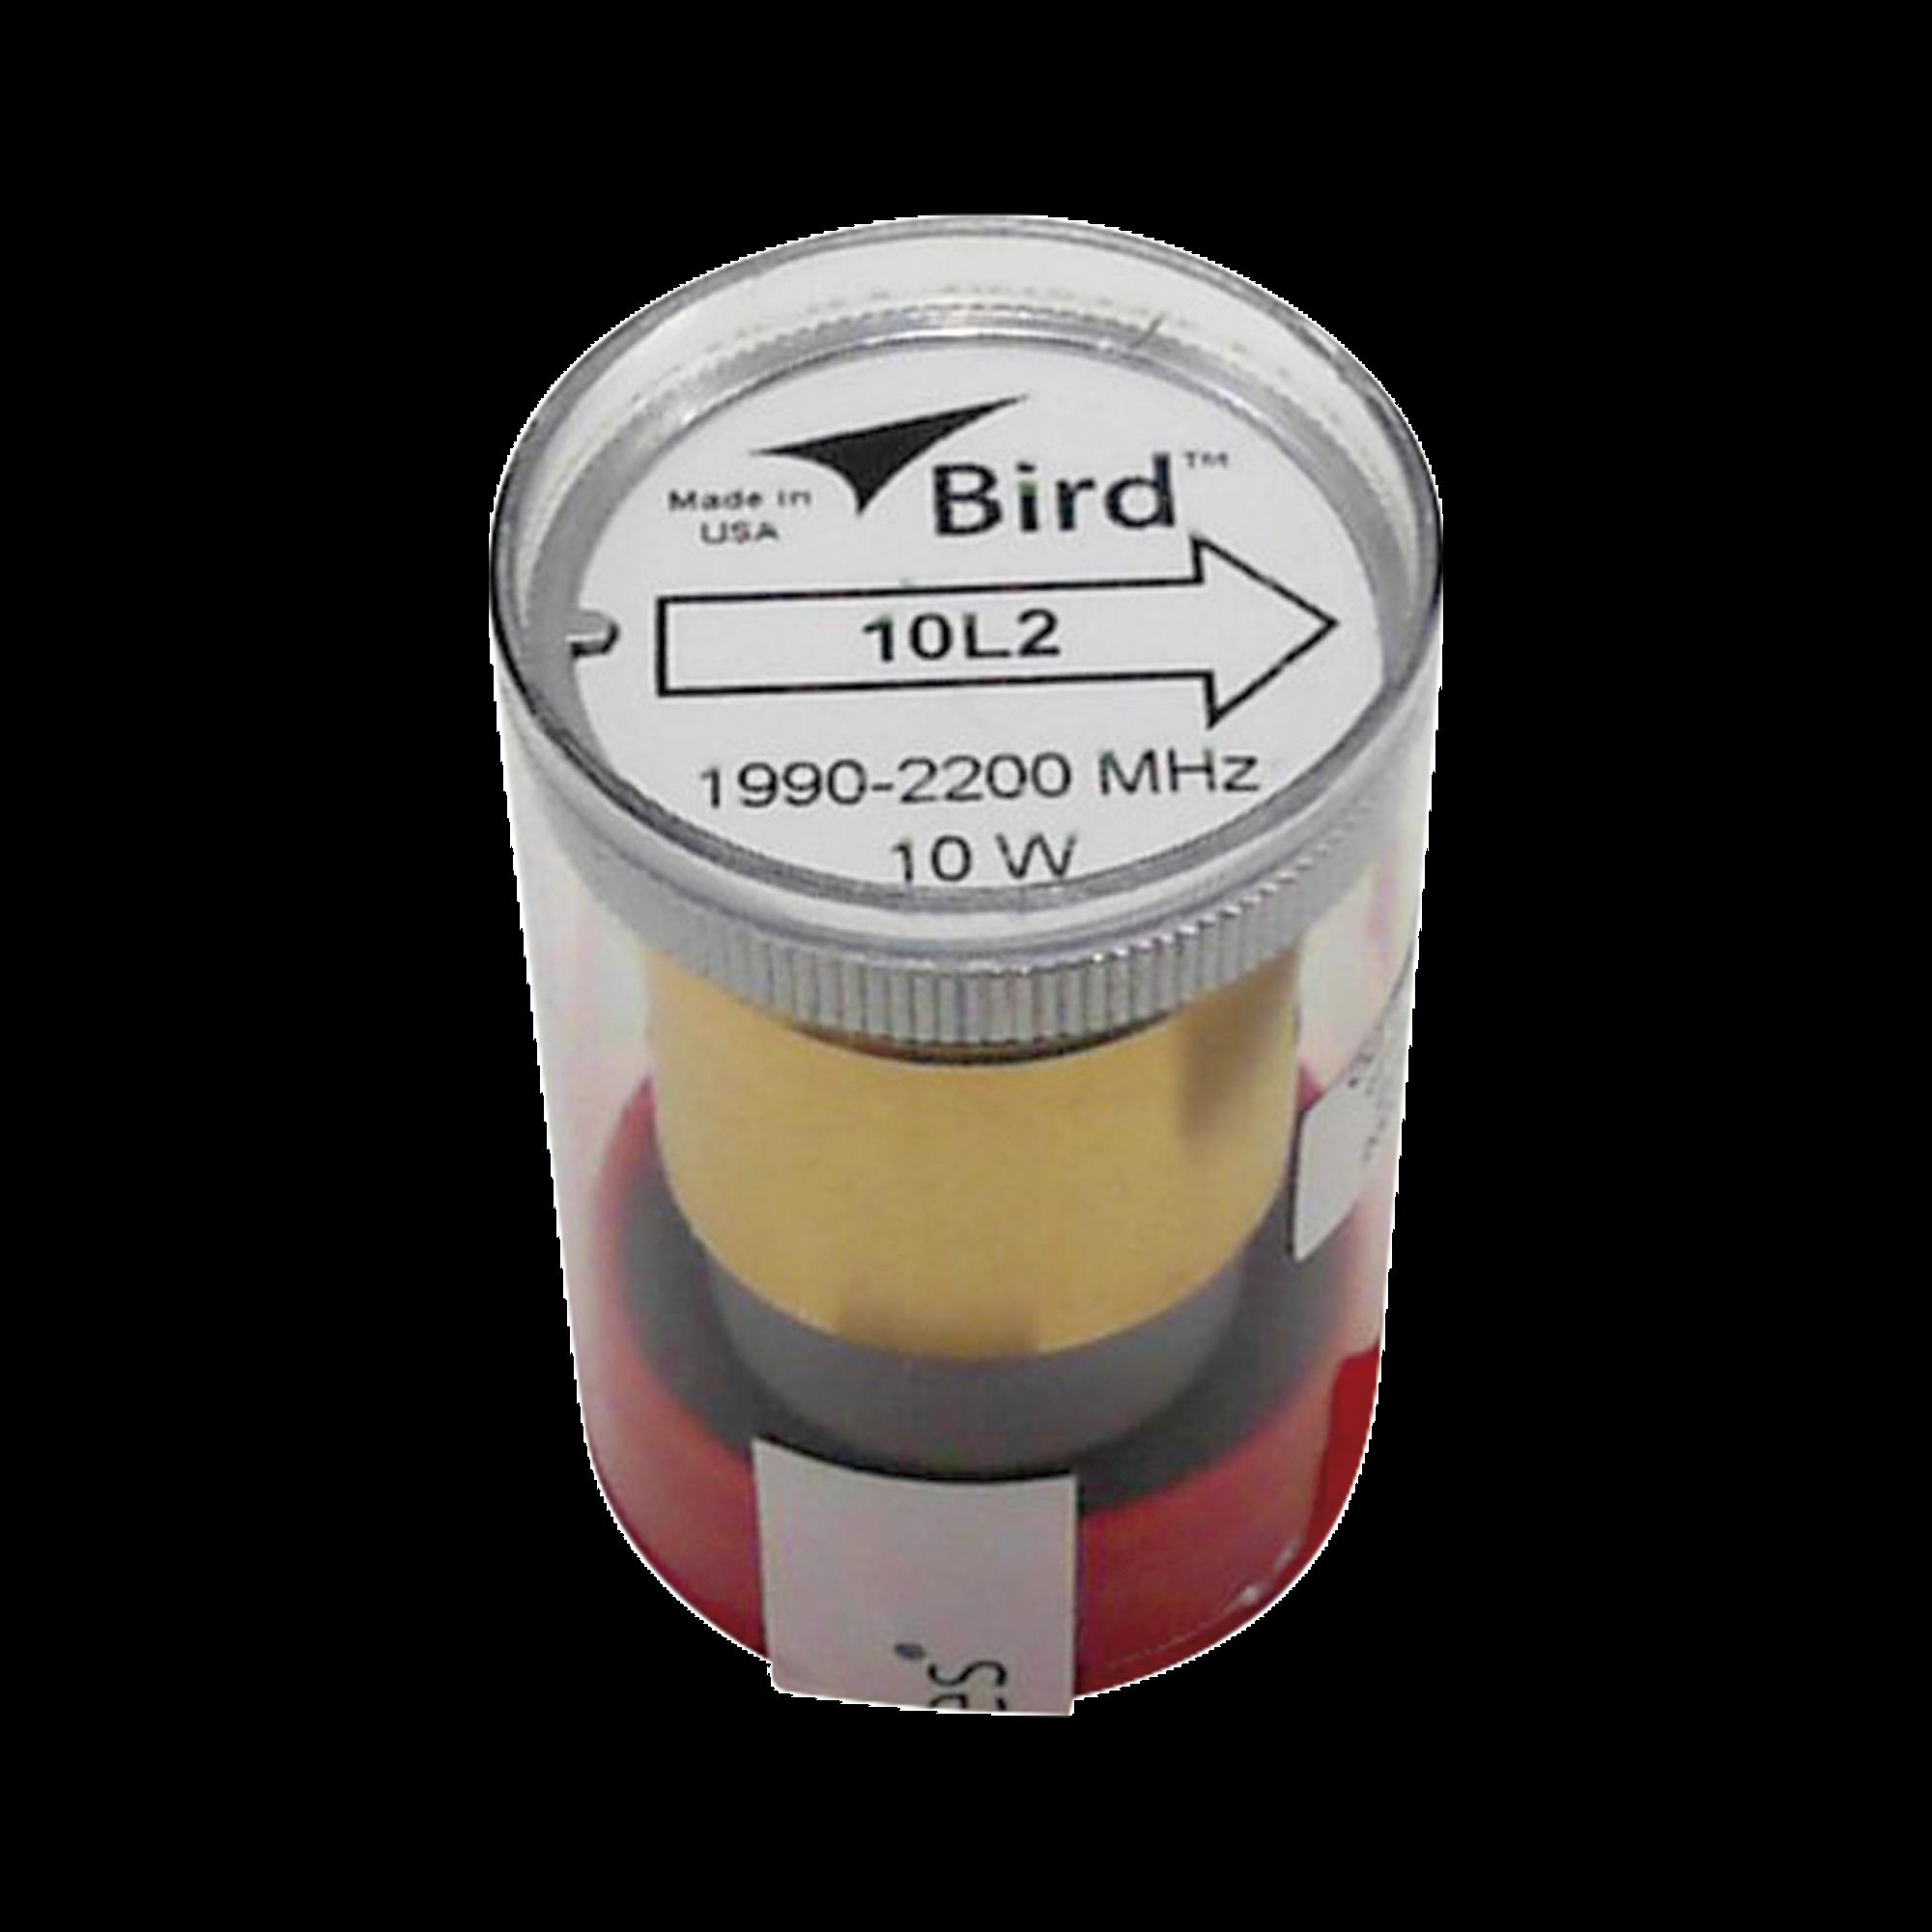 Elemento de 10 Watt en linea 7/8 para Wattmetro BIRD 43 en Rango de Frecuencia de 1990-2200 MHz.